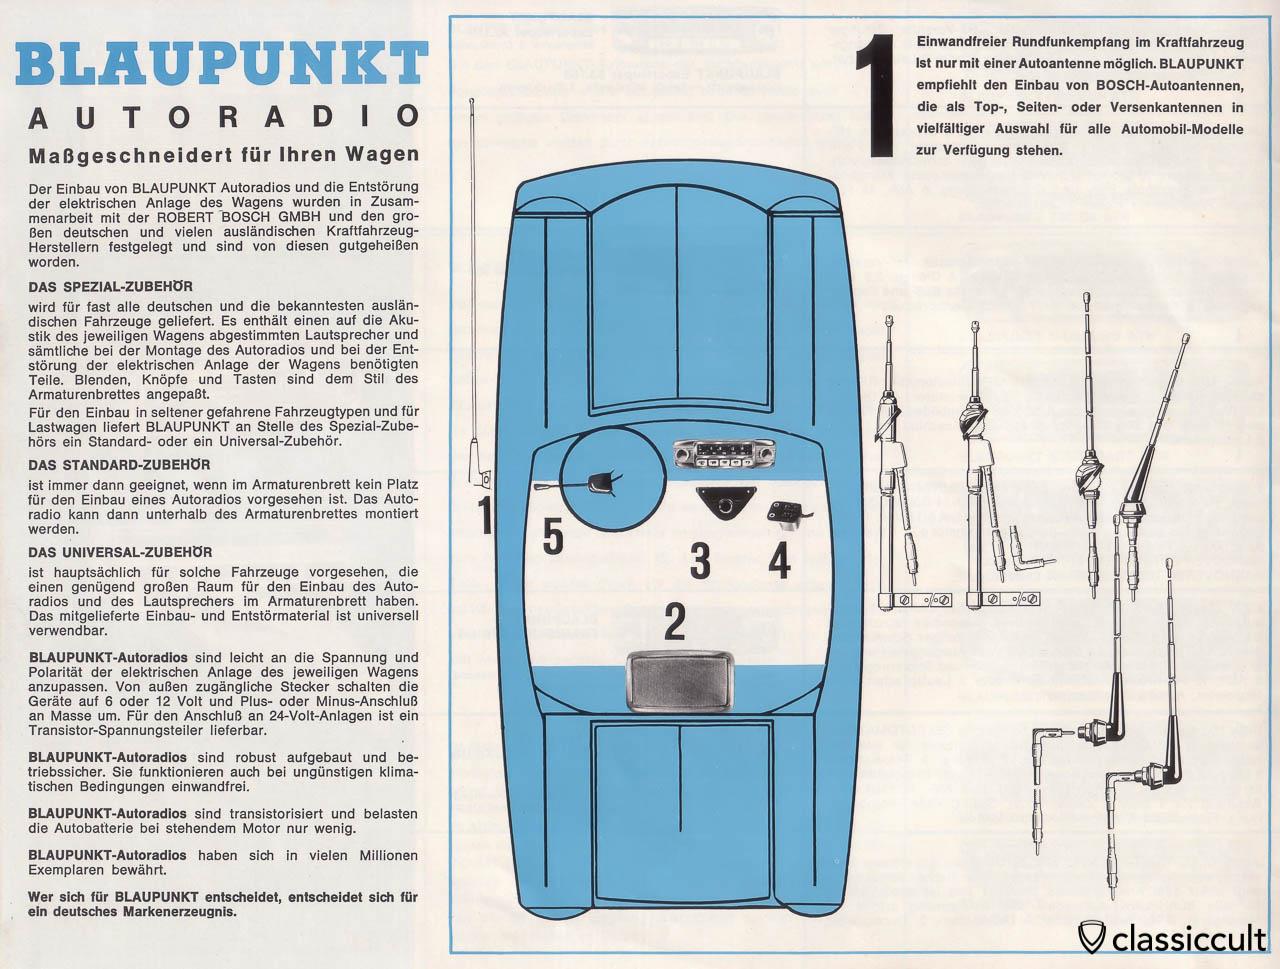 blaupunkt car radio brochure 1963 classiccult. Black Bedroom Furniture Sets. Home Design Ideas